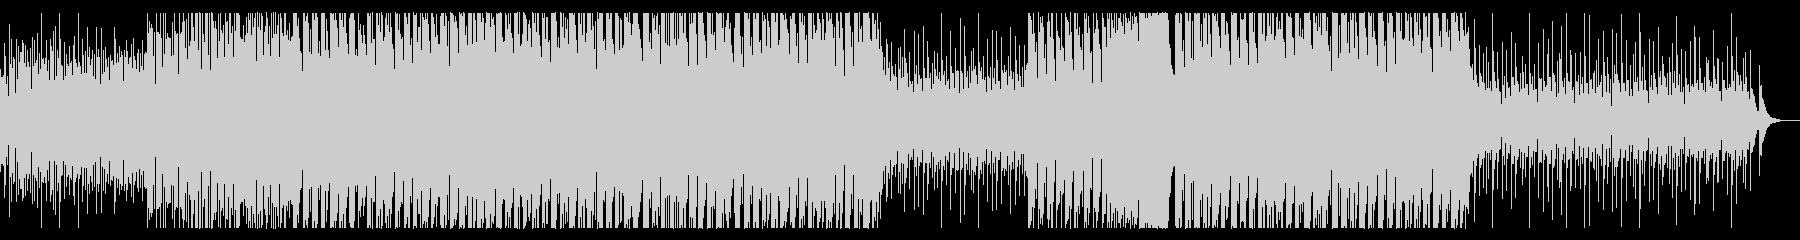 パリピっぽいEDMの未再生の波形